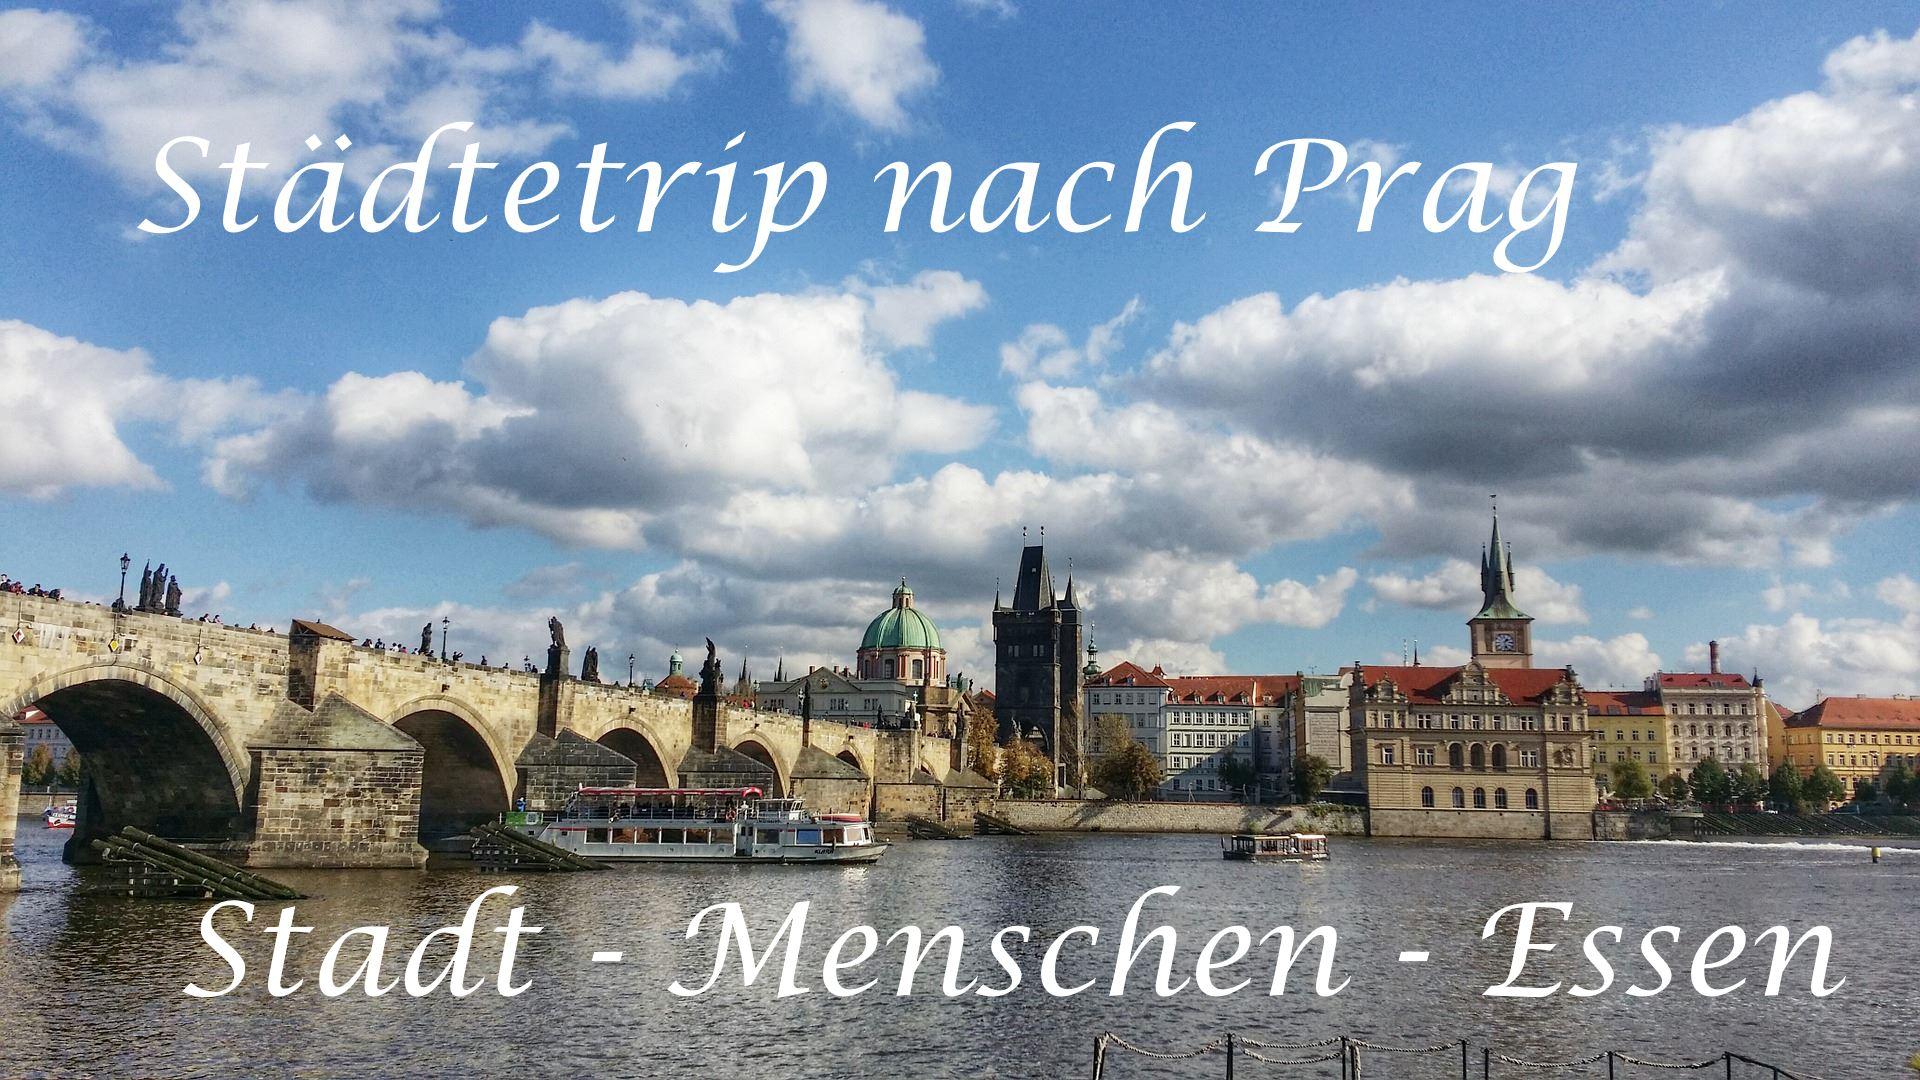 Städtetrip nach Prag auf Kochen-verstehen.de